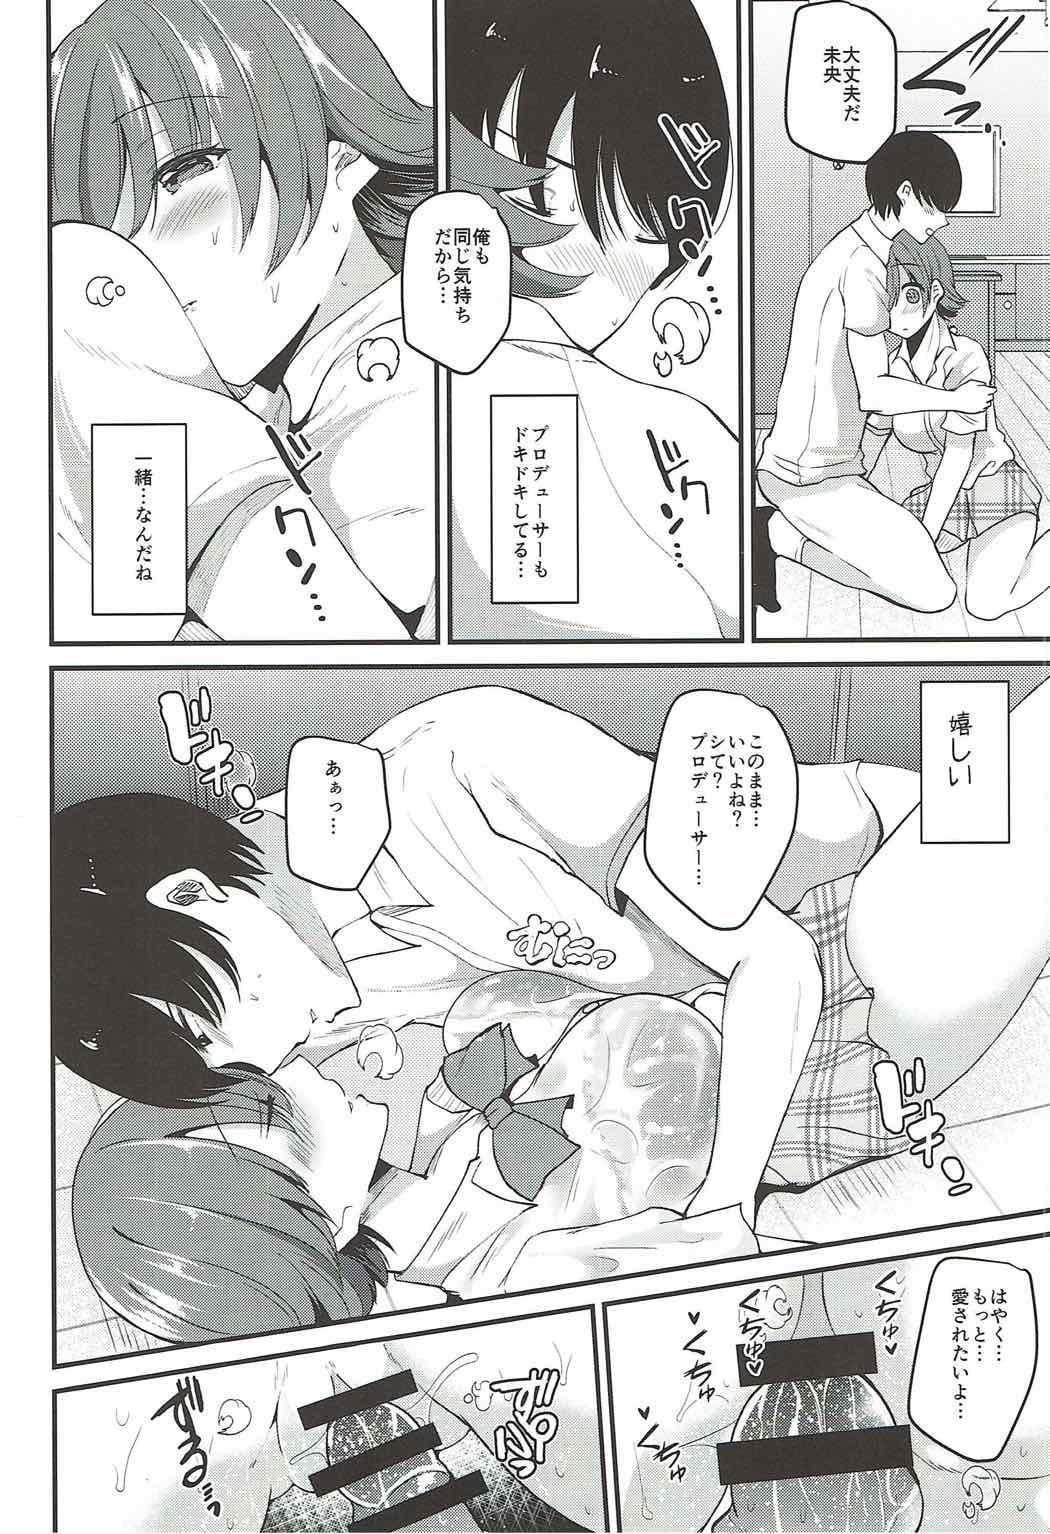 Dakara Boku wa Mio ga Suki 2 13